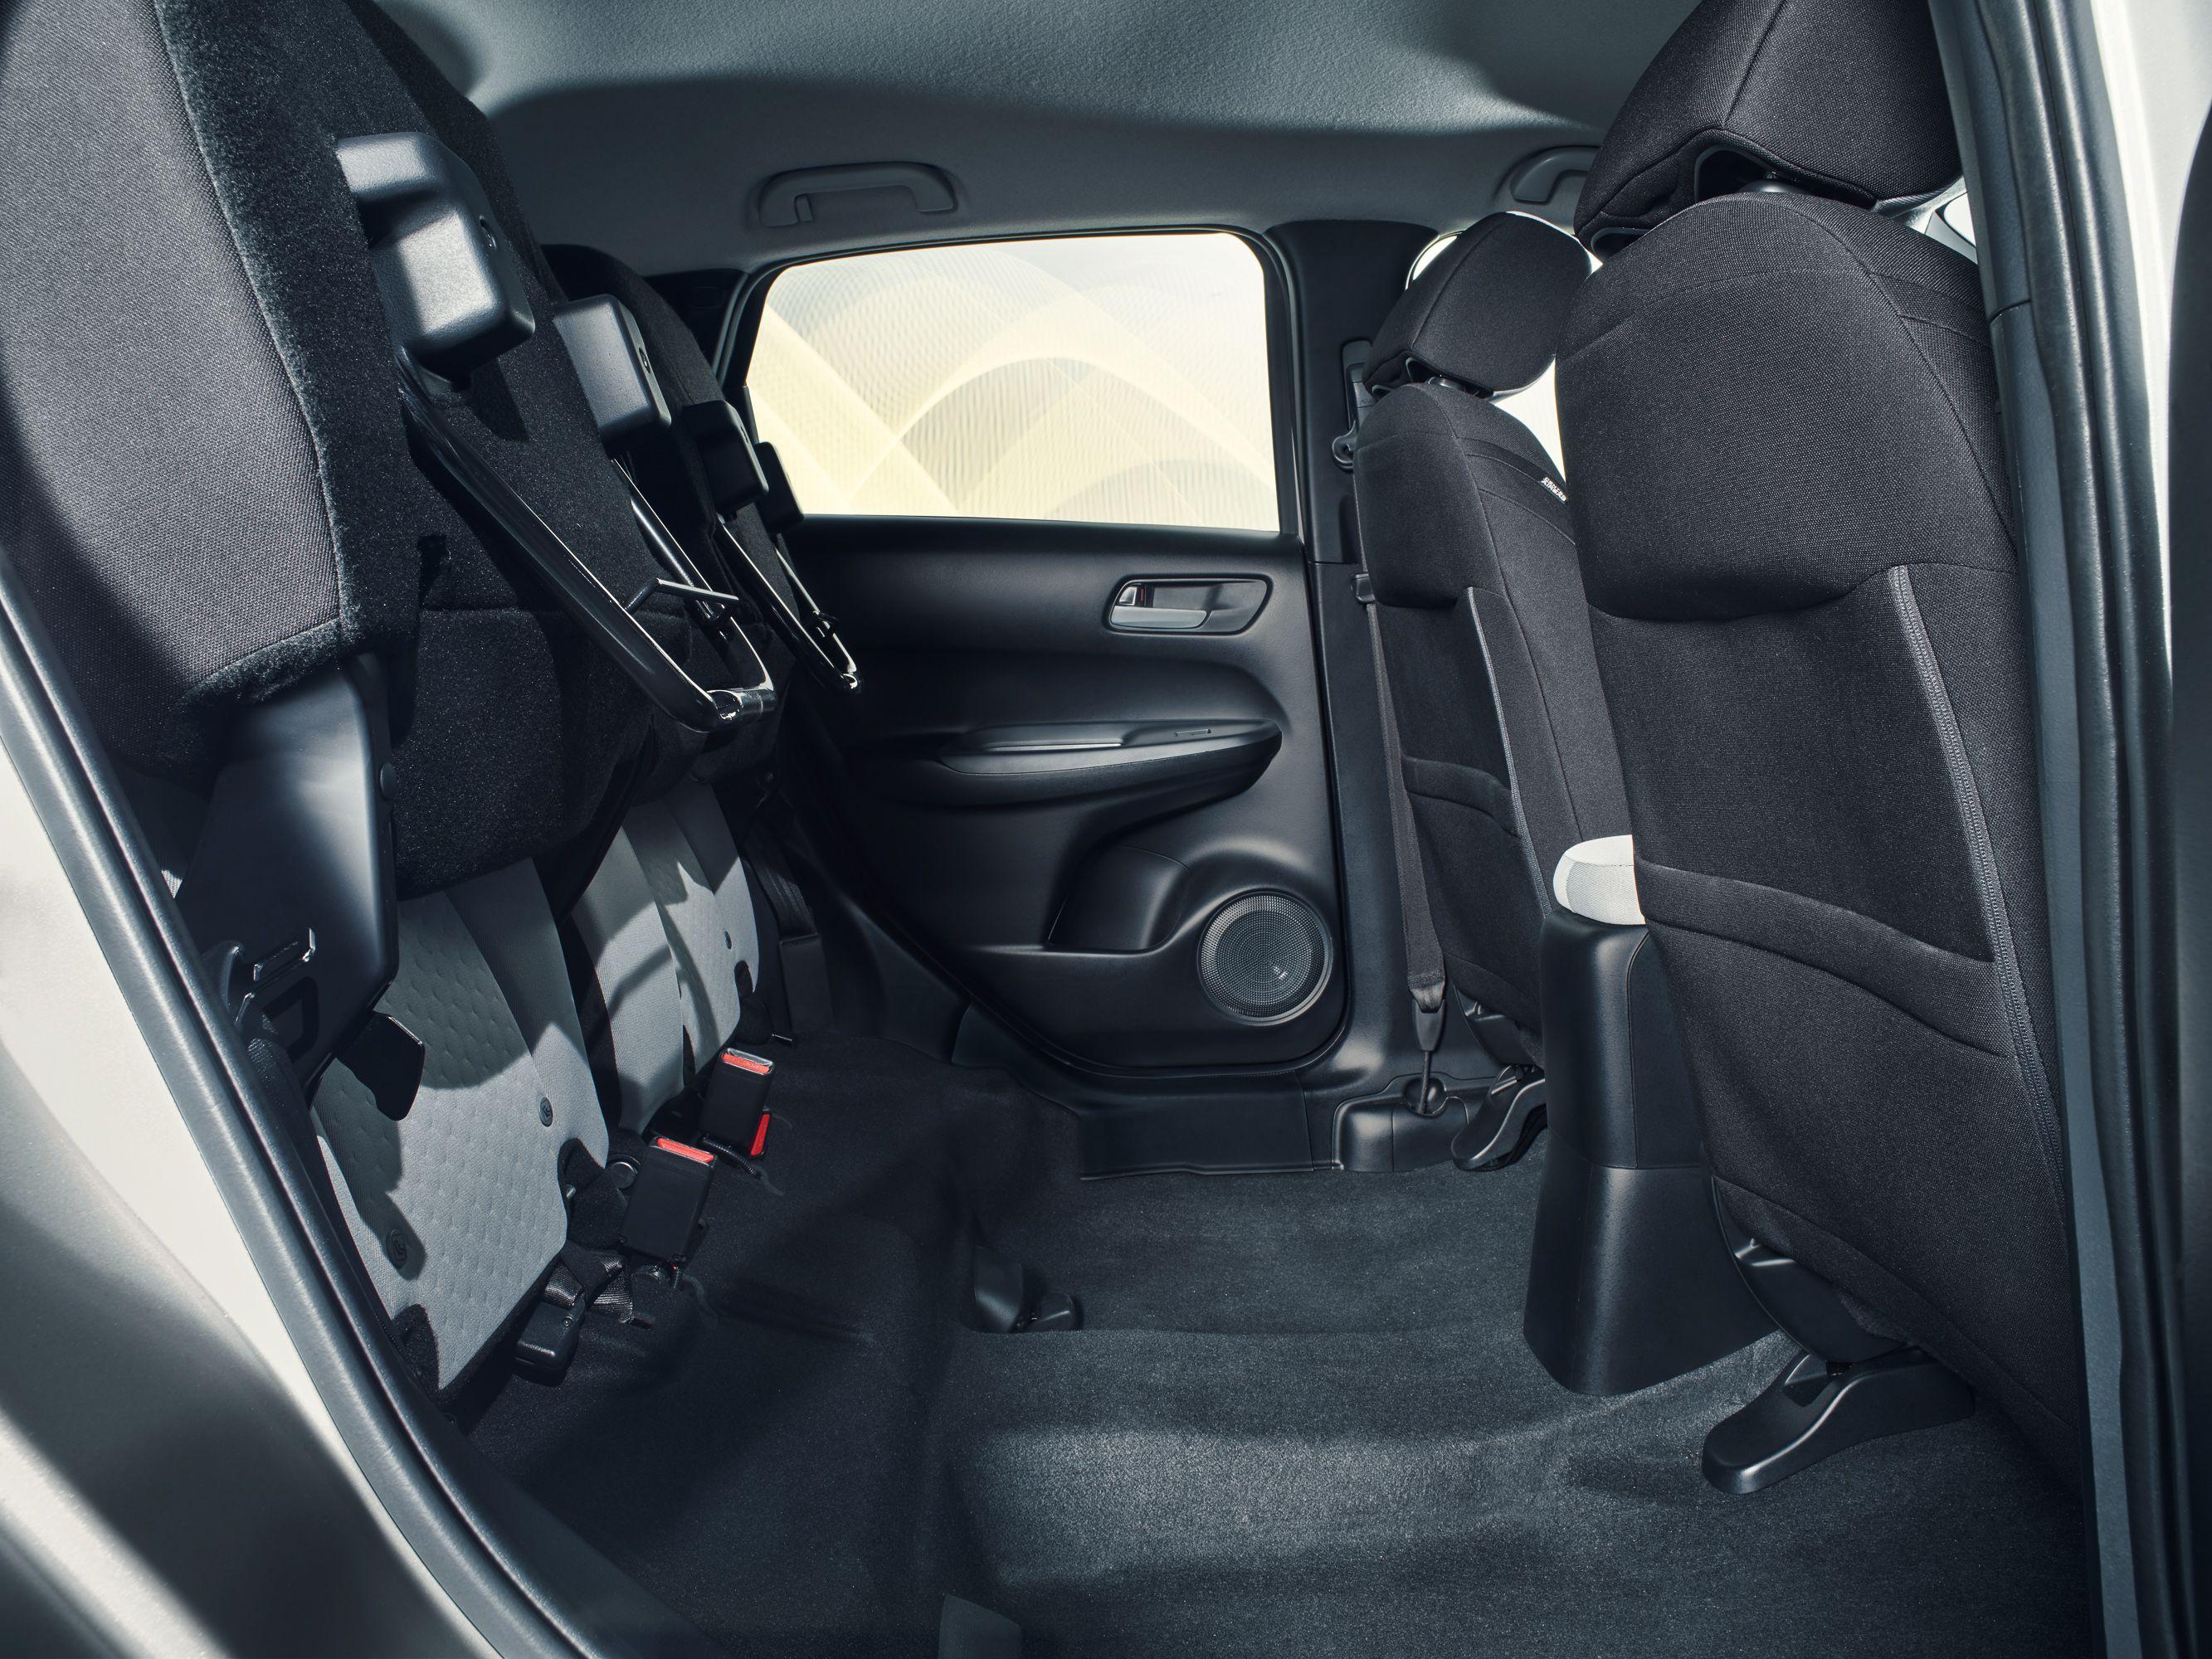 Rear seats of Honda Jazz